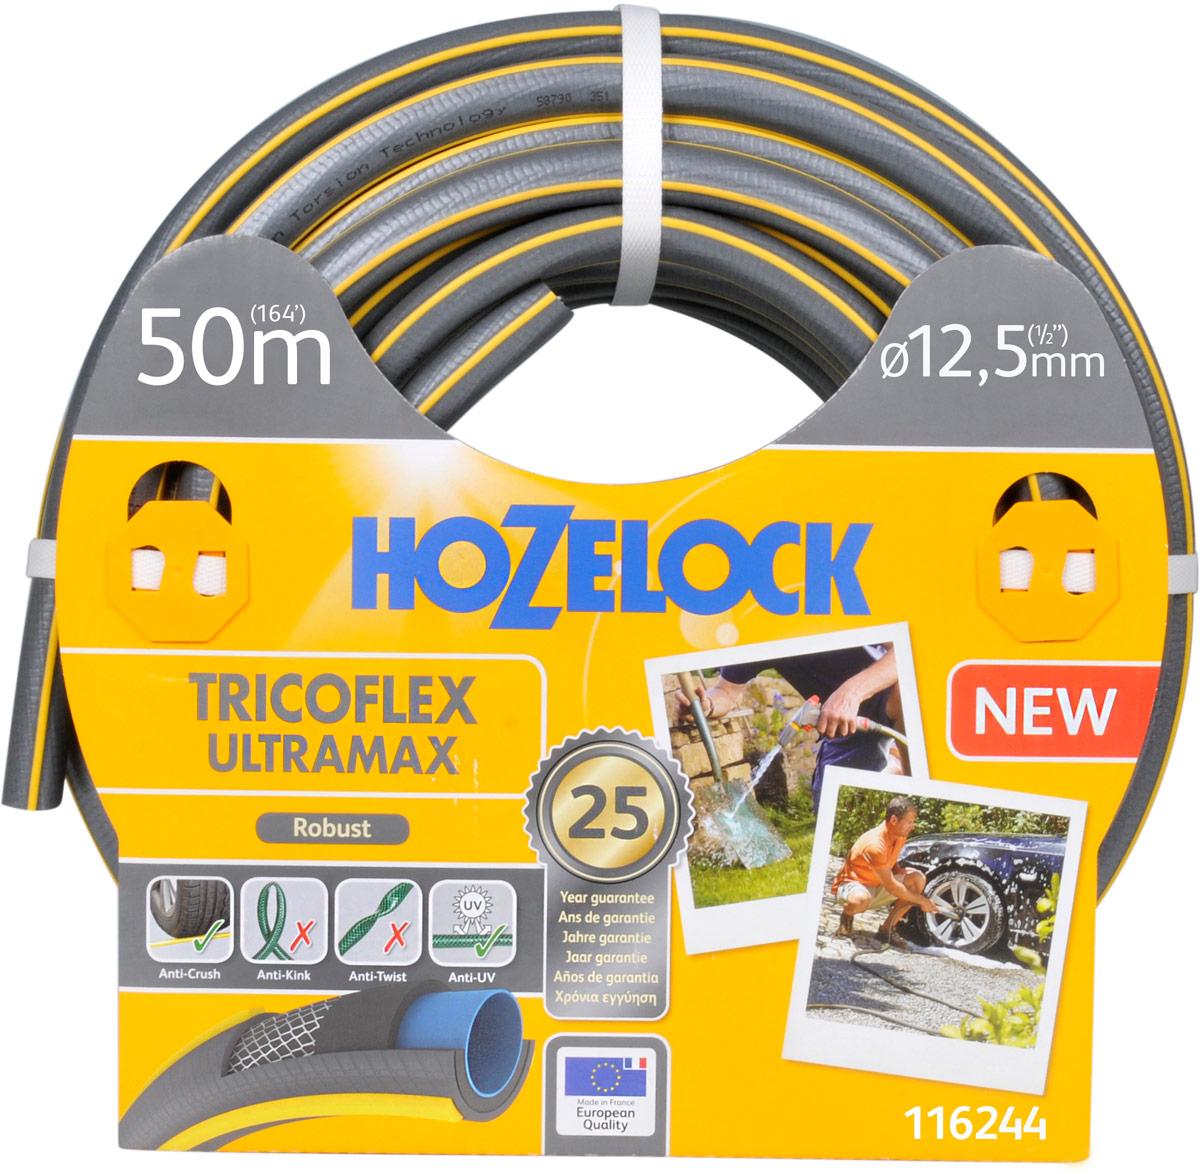 Шланг HoZelock 116244 Tricoflex Ultramax 12,5 мм 50 м • Усиленная защита от повреждений, перегибов и перекручиванияПрочный Шланг, состоящий из 5-ти слоев, прекрасно подойдет тем, кто больше всего ценит в Шлангах надежность и износостойкость. Гладкий внутренний слой обеспечивает максимальный ток воды. Слой из ПВХ по технологии Soft&Flex придает прочность стенкам Шланга, облегчает вес (до 25% легче, чем у конкурентов) и улучшает маневренность. Шланг удобен в эксплуатации-легко сматывается в катушки и системы хранения. Специальное армированное плетение по технологии TNT предотвращает деформацию Шланга при скручивании; внешний слой из ПВХ защищает от повреждений, изготовлен по технологии Ergo Rib, благодаря которой Шланг комфортно держать в руке. Материалы, из которых состоит Шланг, являются безопасными для человека и окружающей среды-не содержат фталатов, тяжелых металлов и вредных токсинов.